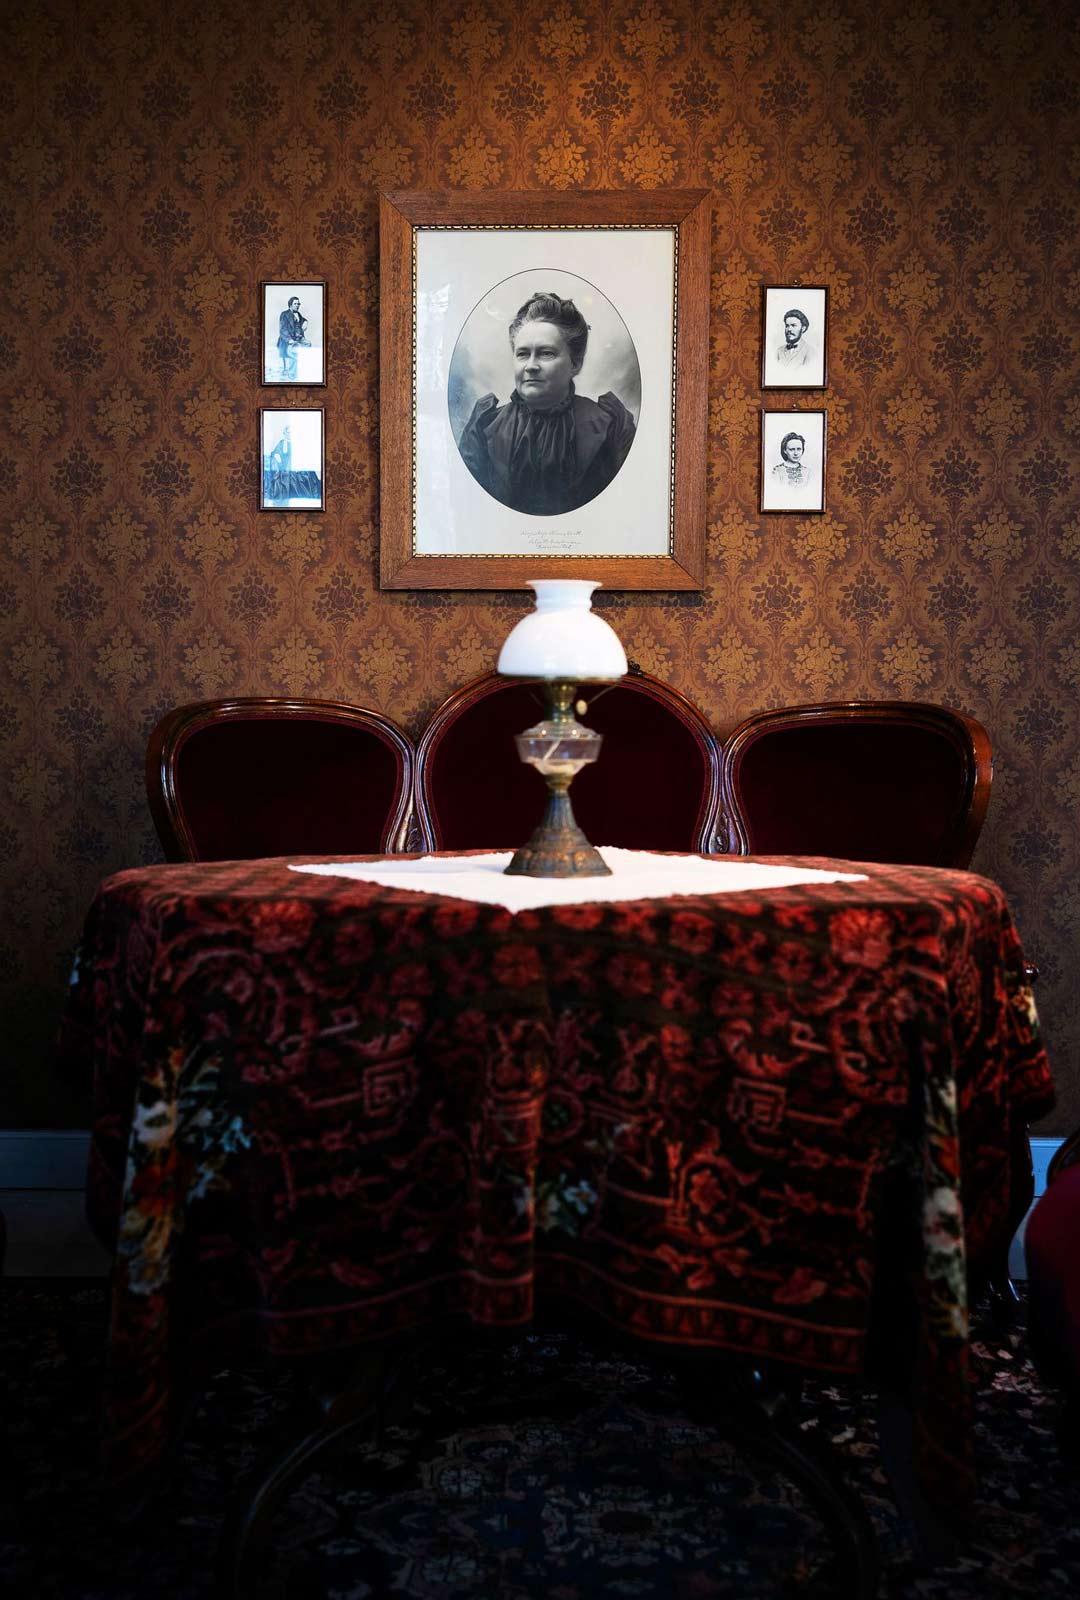 Minna Canthin salongin huonekalut löytyvät yhä Kuopion korttelimuseosta. Ovaalin muotoinen pöytä oli sekä salonkiemännän työpöytä että mieluinen keskipiste seurustelulle ja kortinpeluulle.